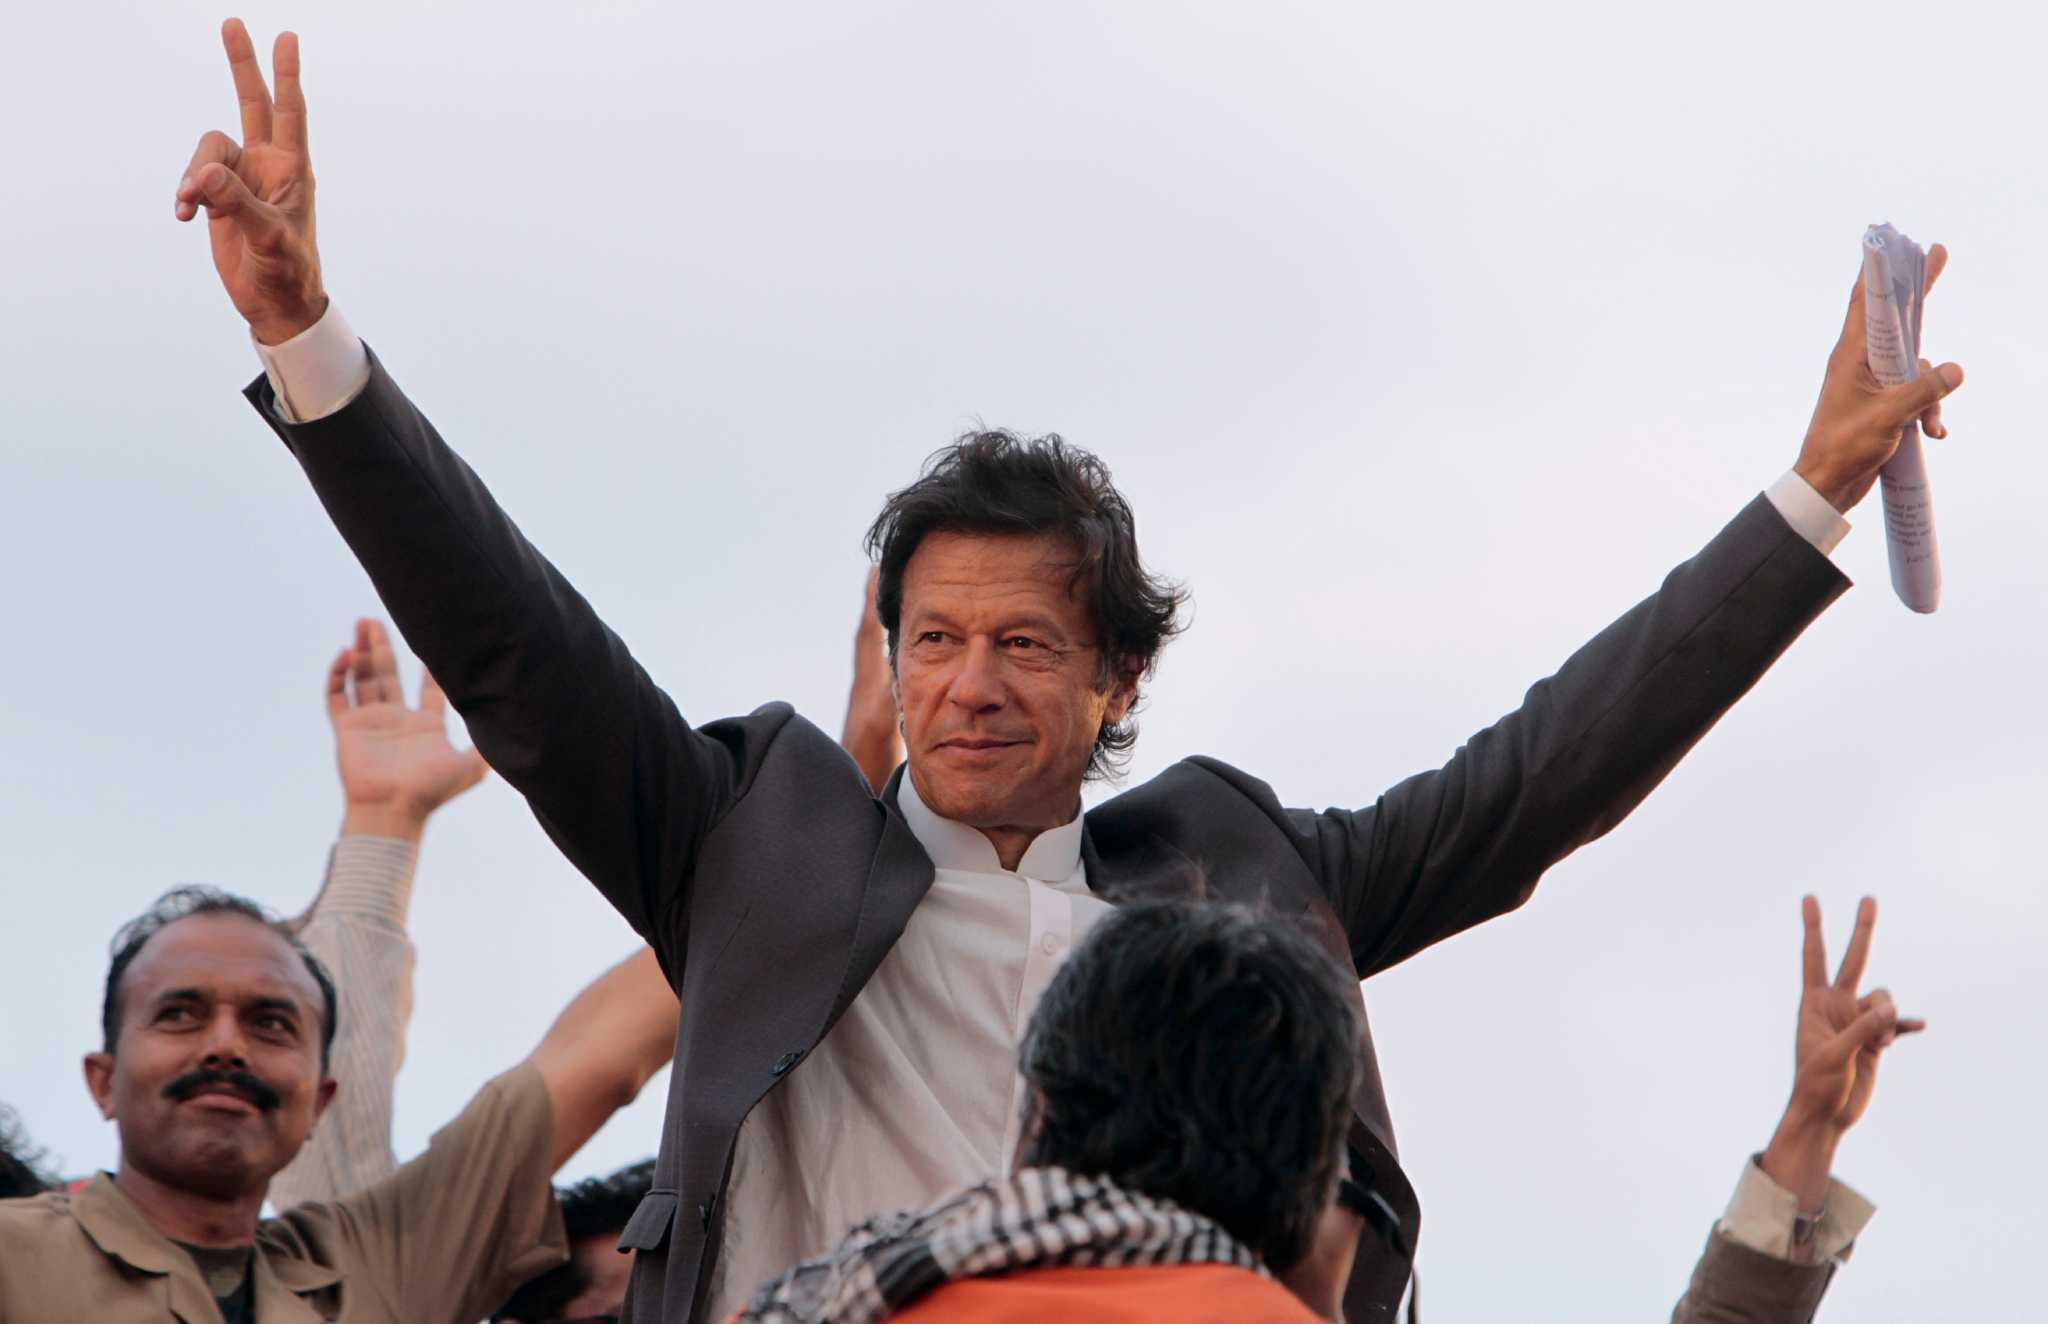 cricket legend imran khan - HD2048×1324